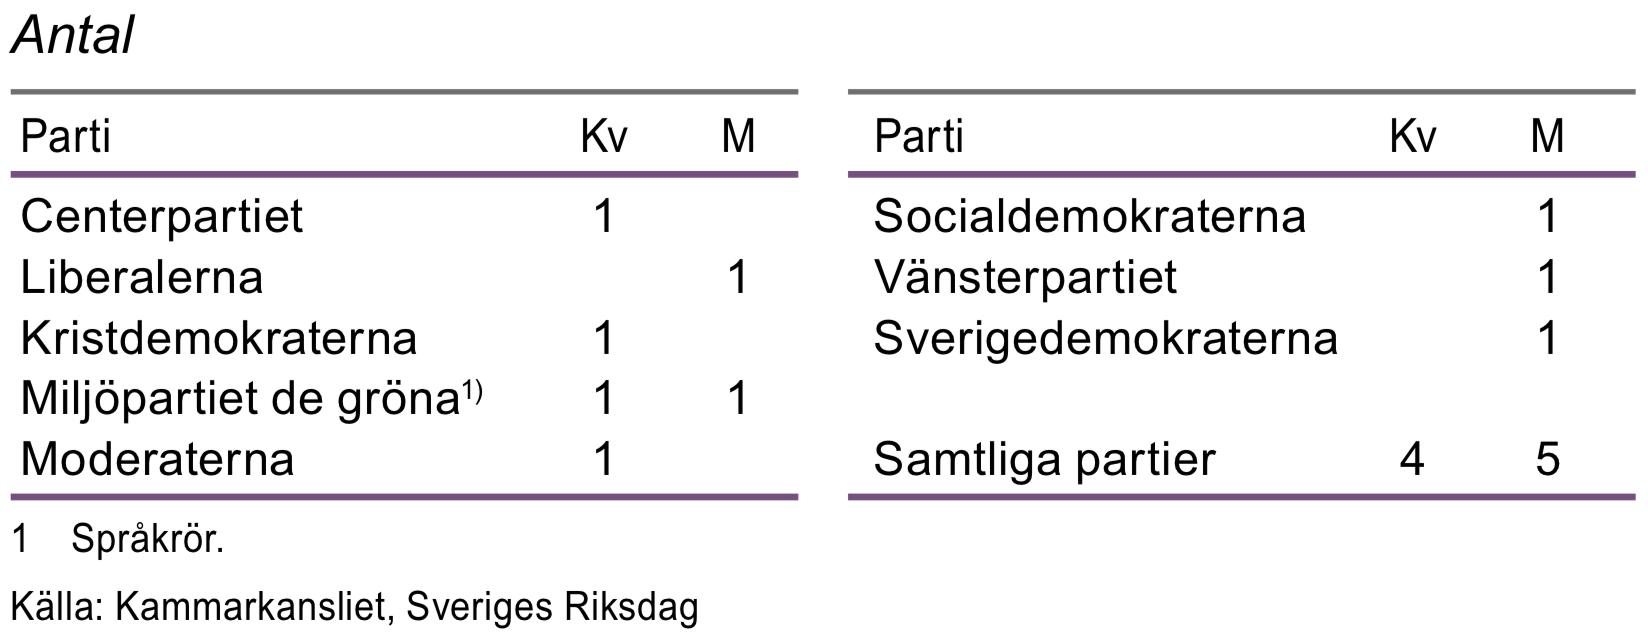 Partiledare, maj 2016